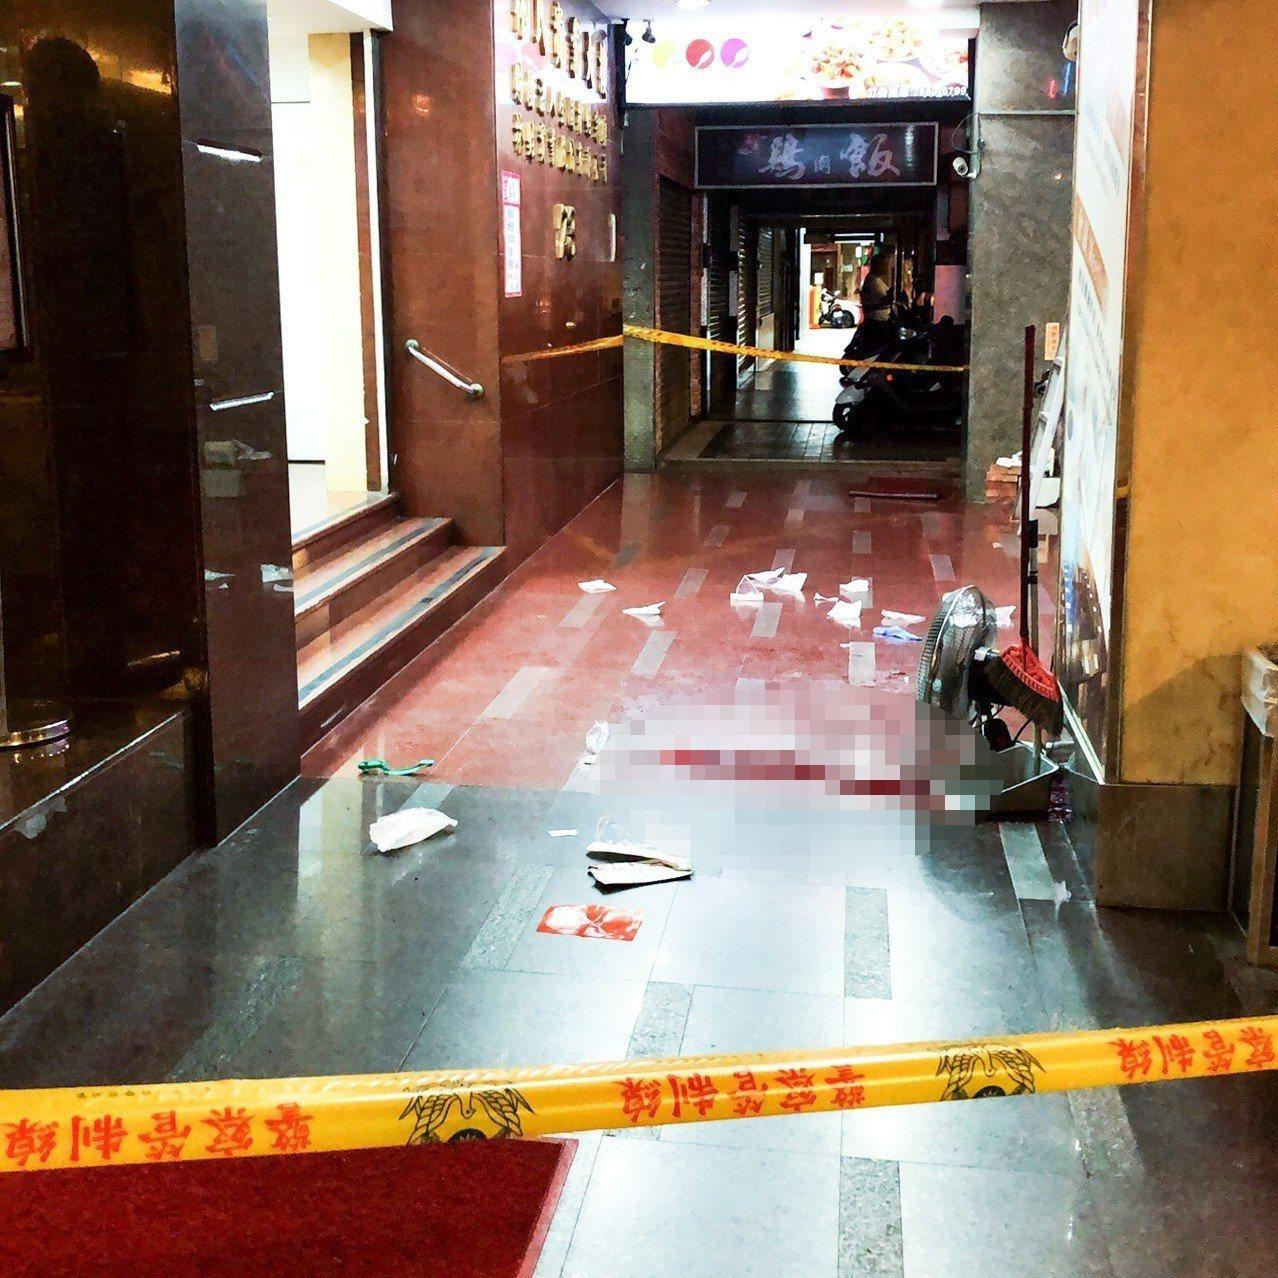 台北市重慶北路一家三溫暖店昨晚發生槍案,負責泊車黃姓男子頭部中兩槍。記者蔡翼謙/...